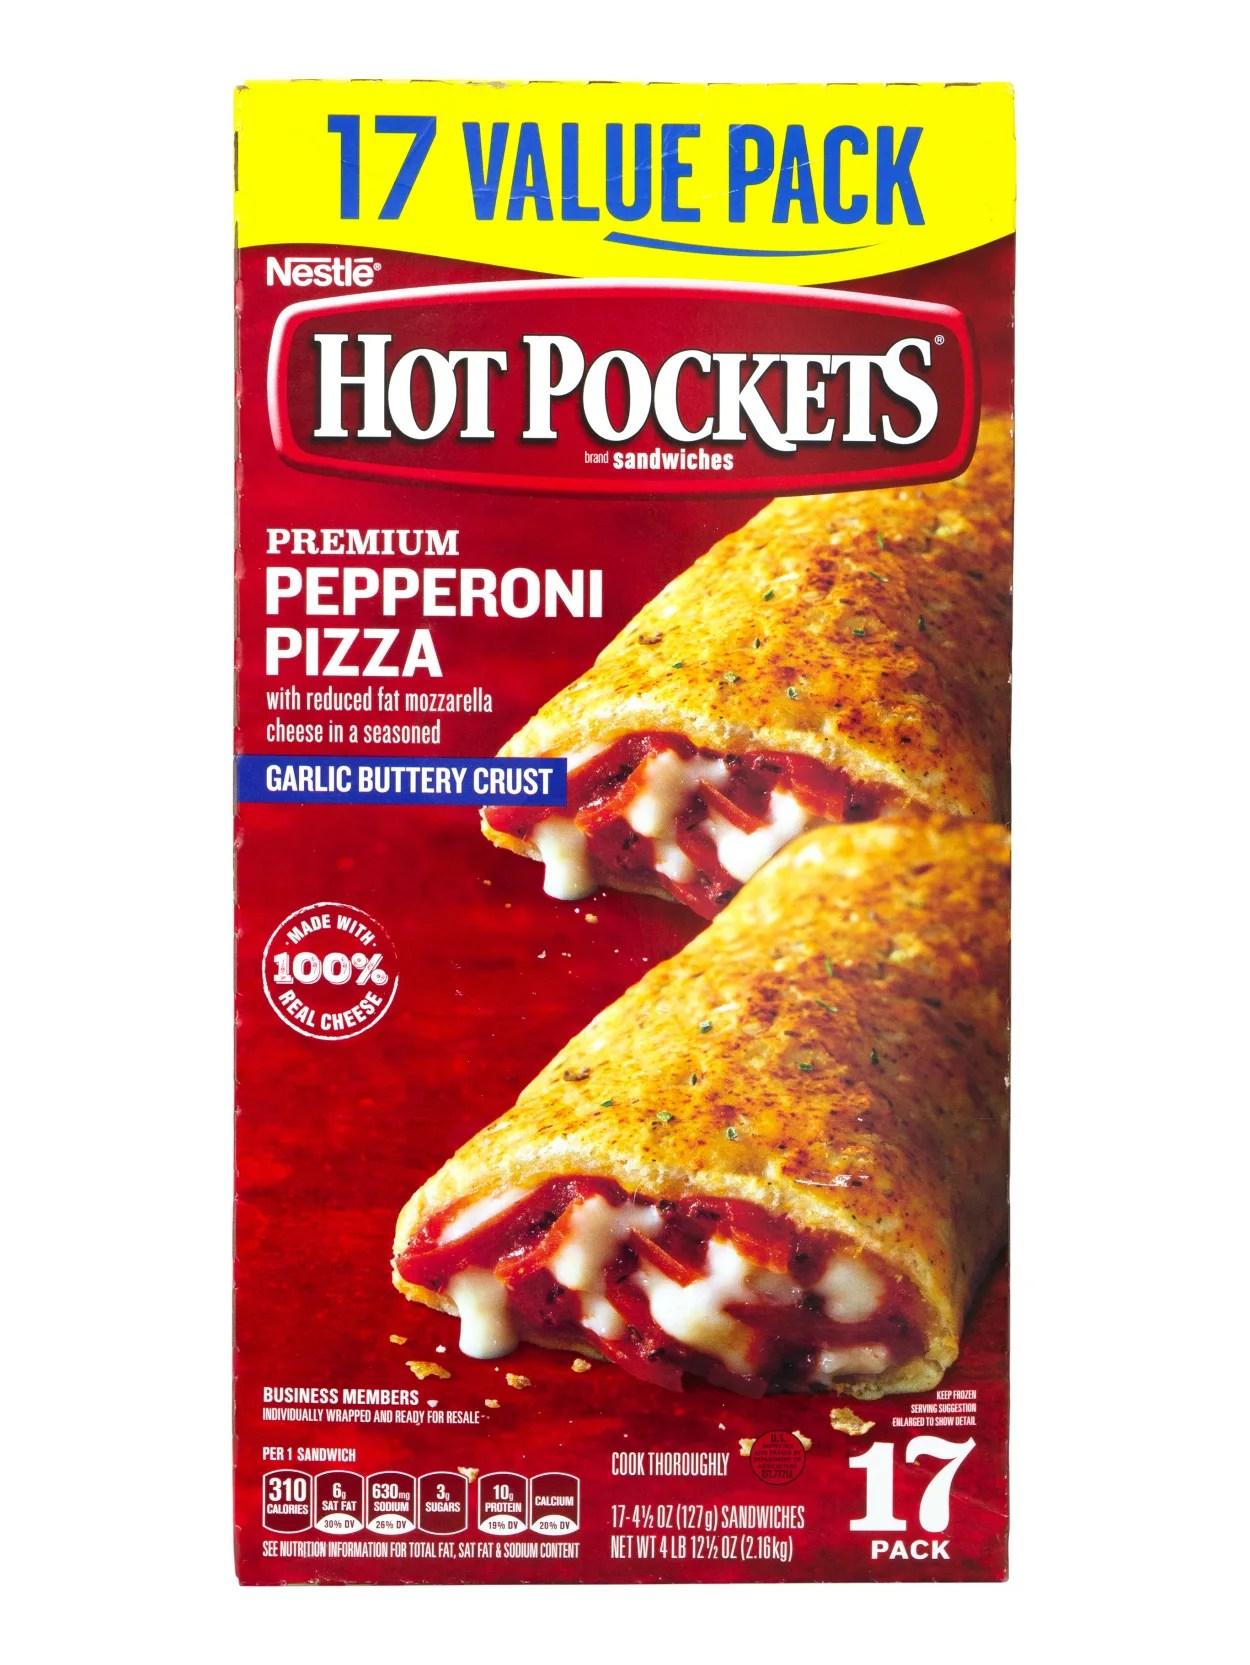 Hot Pockets Nutrition Information : pockets, nutrition, information, Pockets, Pepperoni, Pizza, Office, Depot